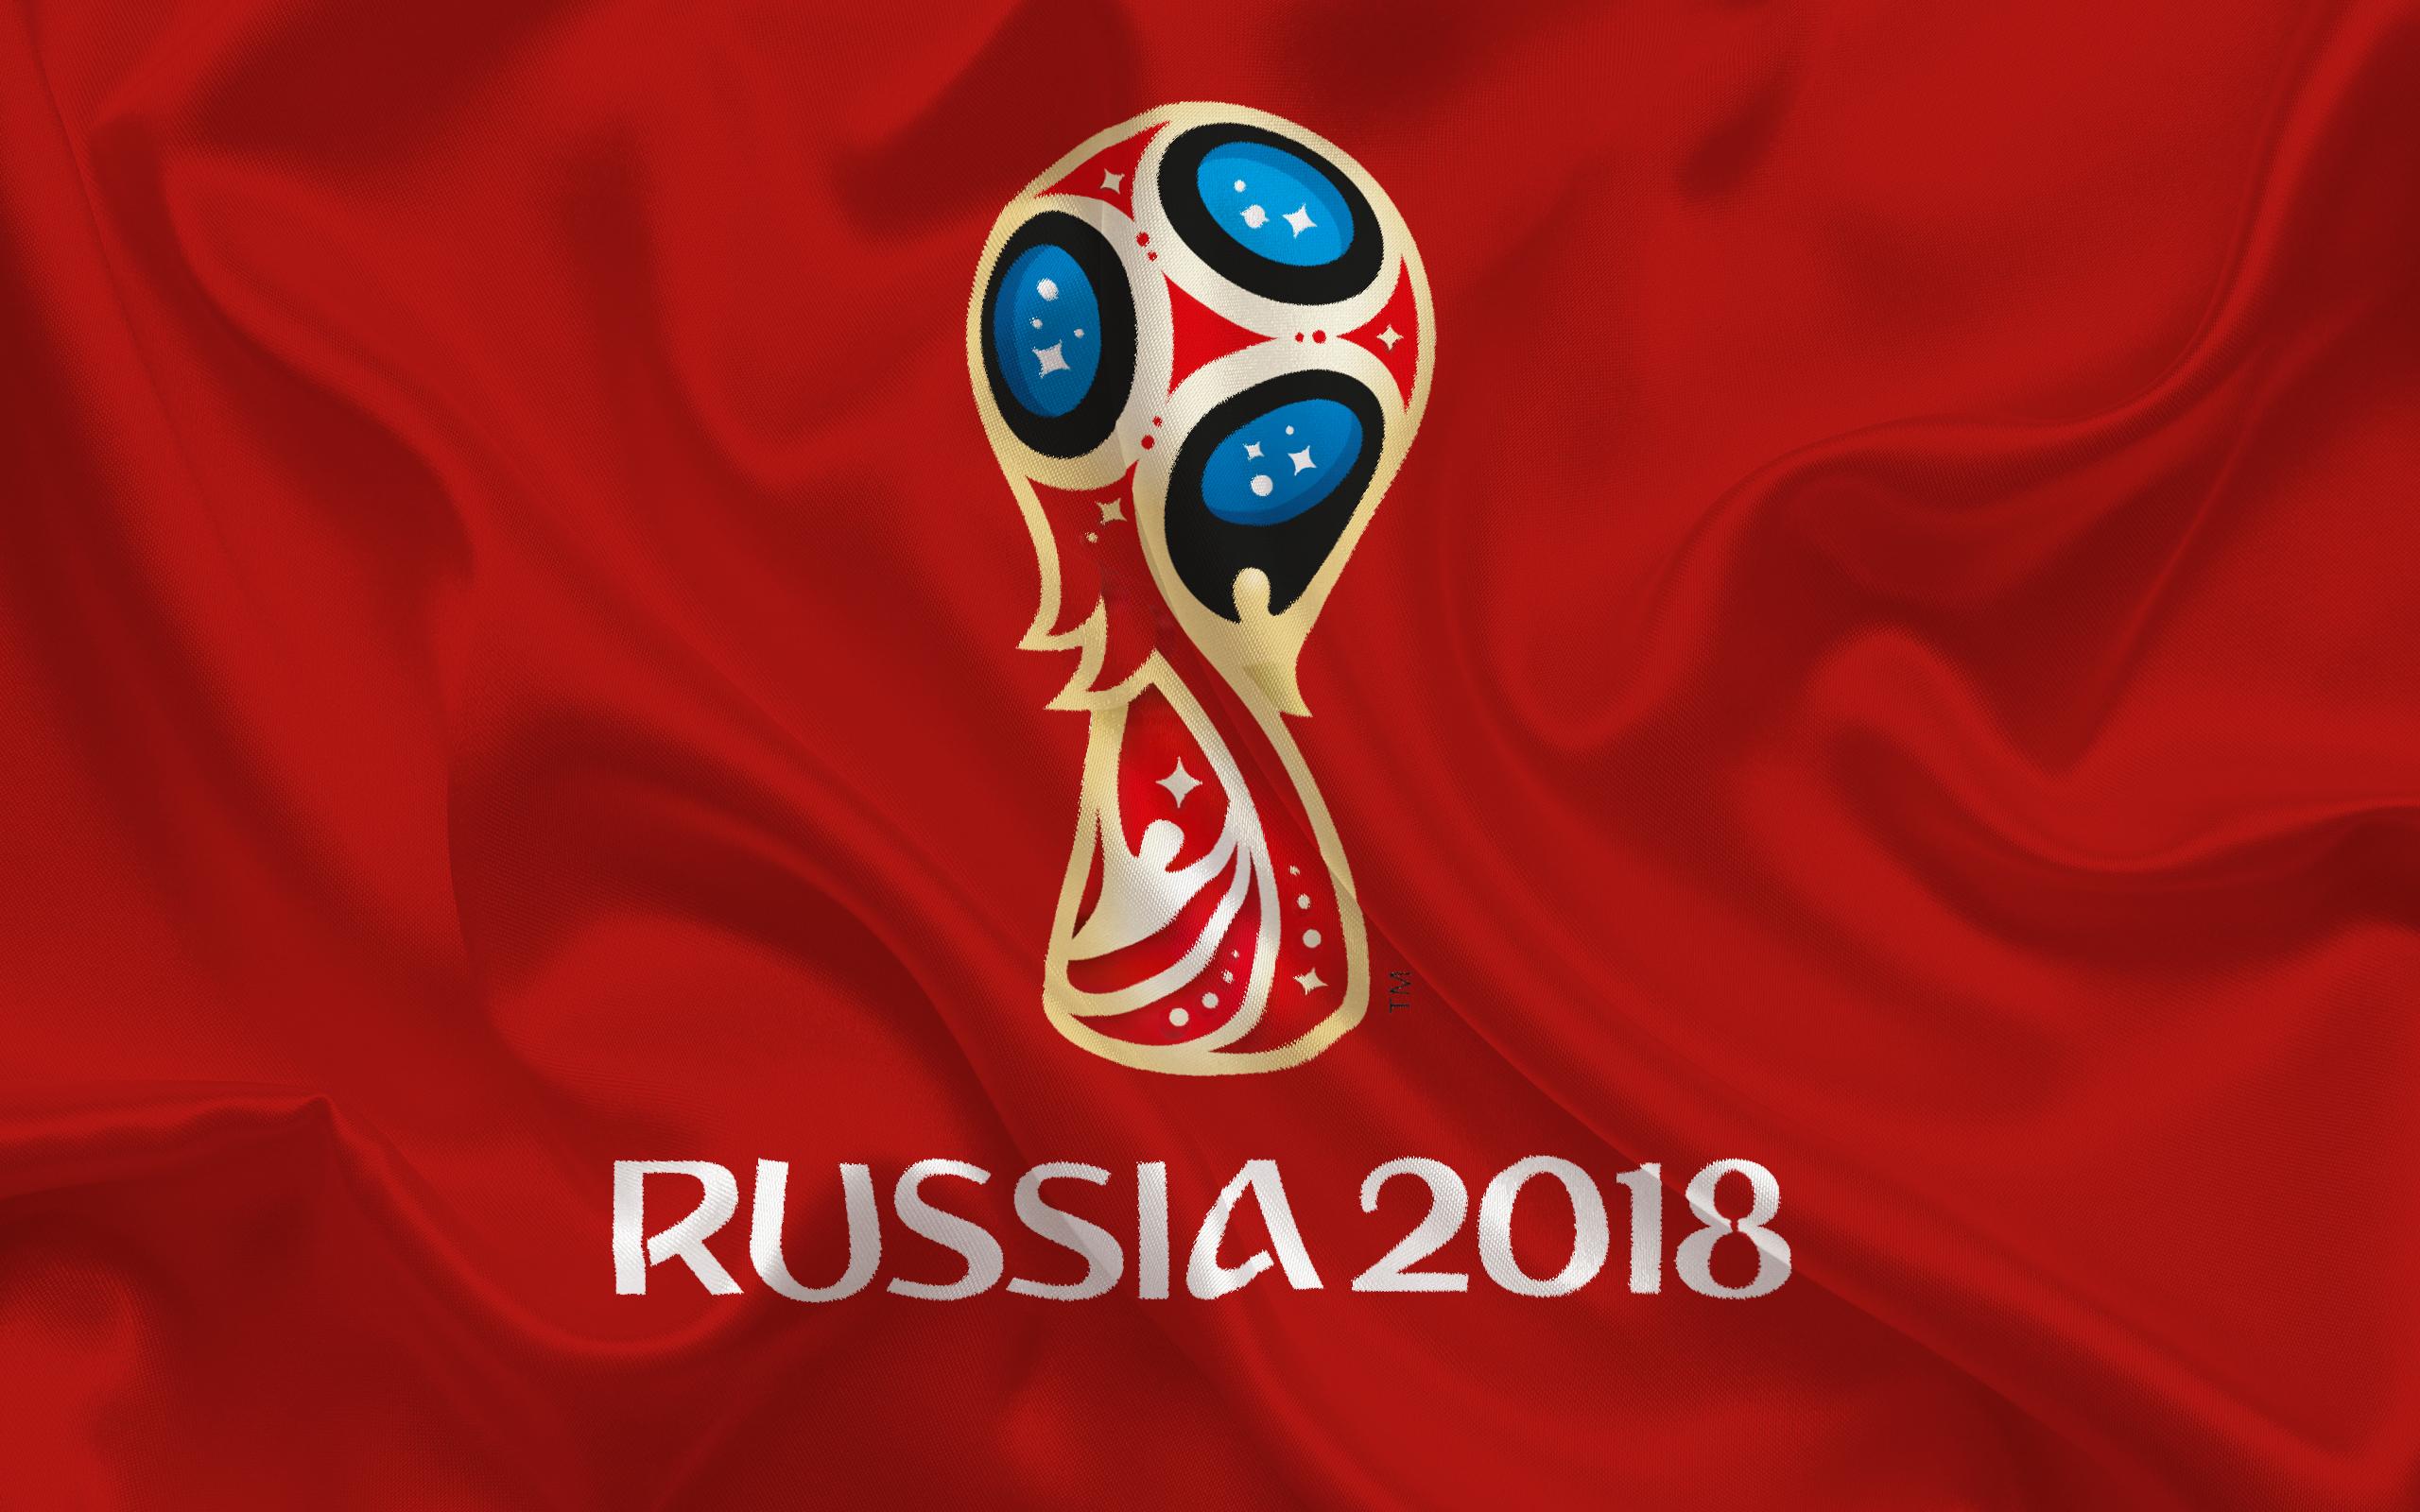 Fifa World Cup 2018 Fondo De Pantalla Hd Fondo De